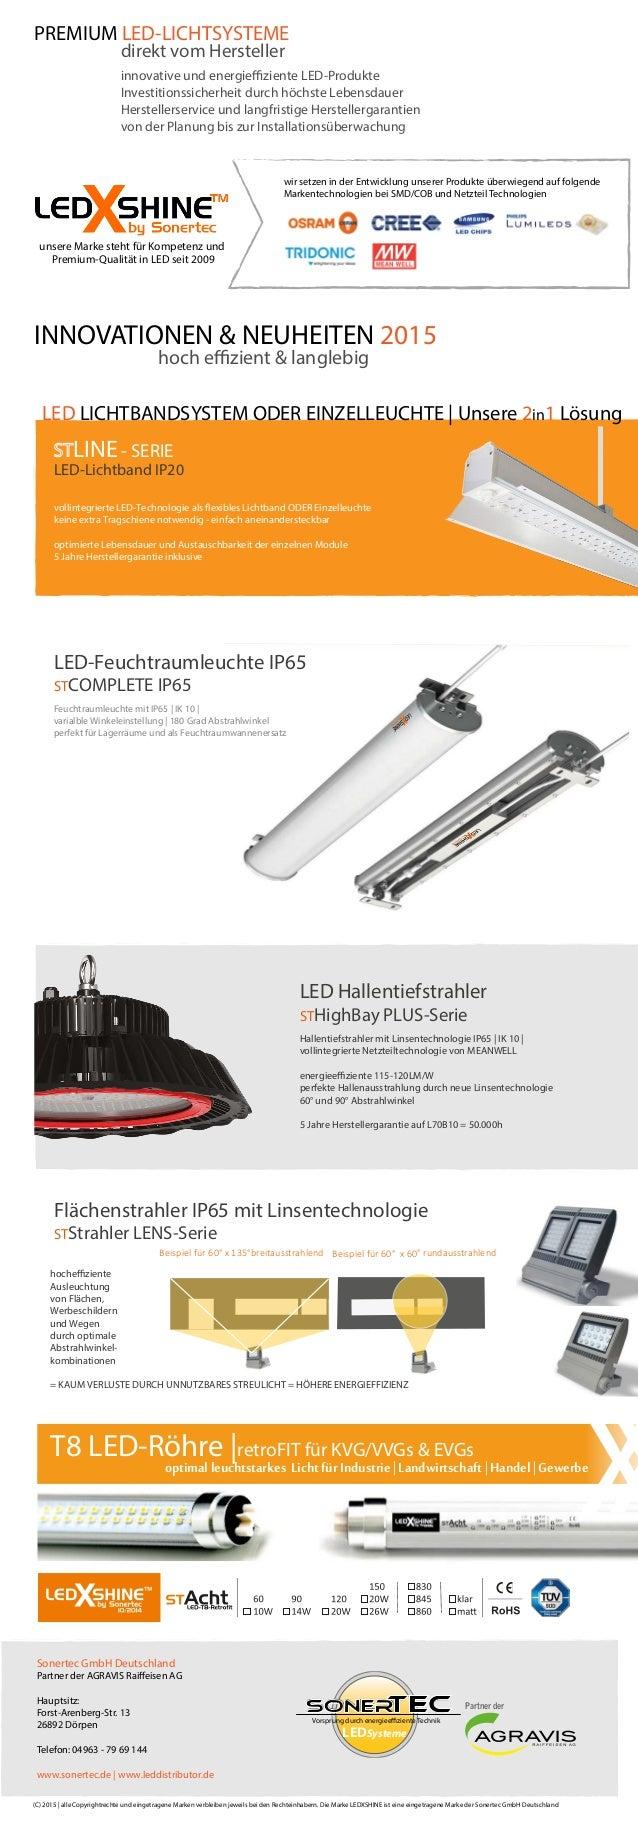 Partner der Vorsprung durch energieeffiziente Technik LED SonerTec Systeme Sonertec GmbH Deutschland Partner der AGRAVIS R...